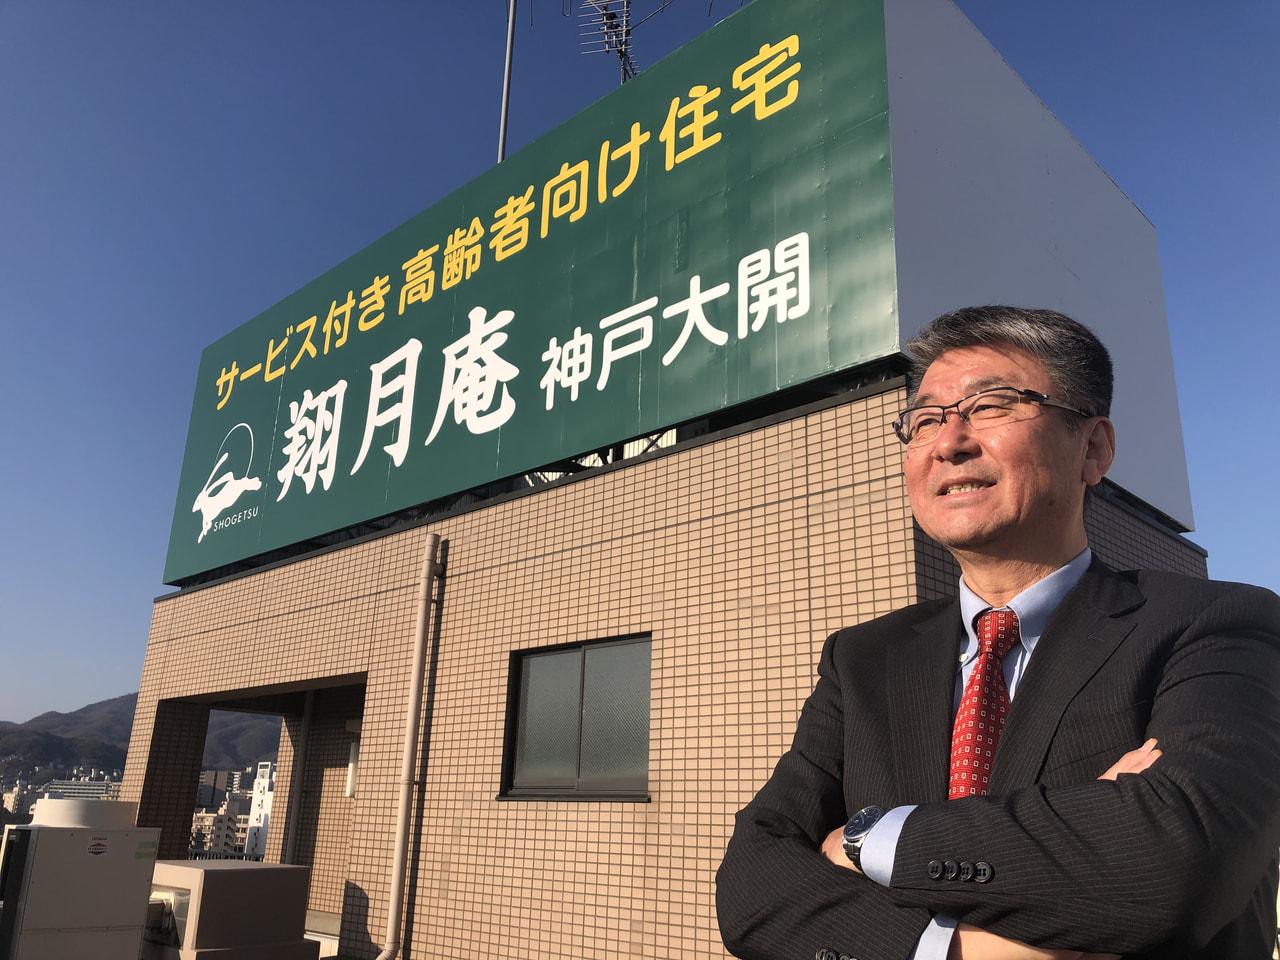 3月10日・11日に日刊工業新聞に掲載されました。